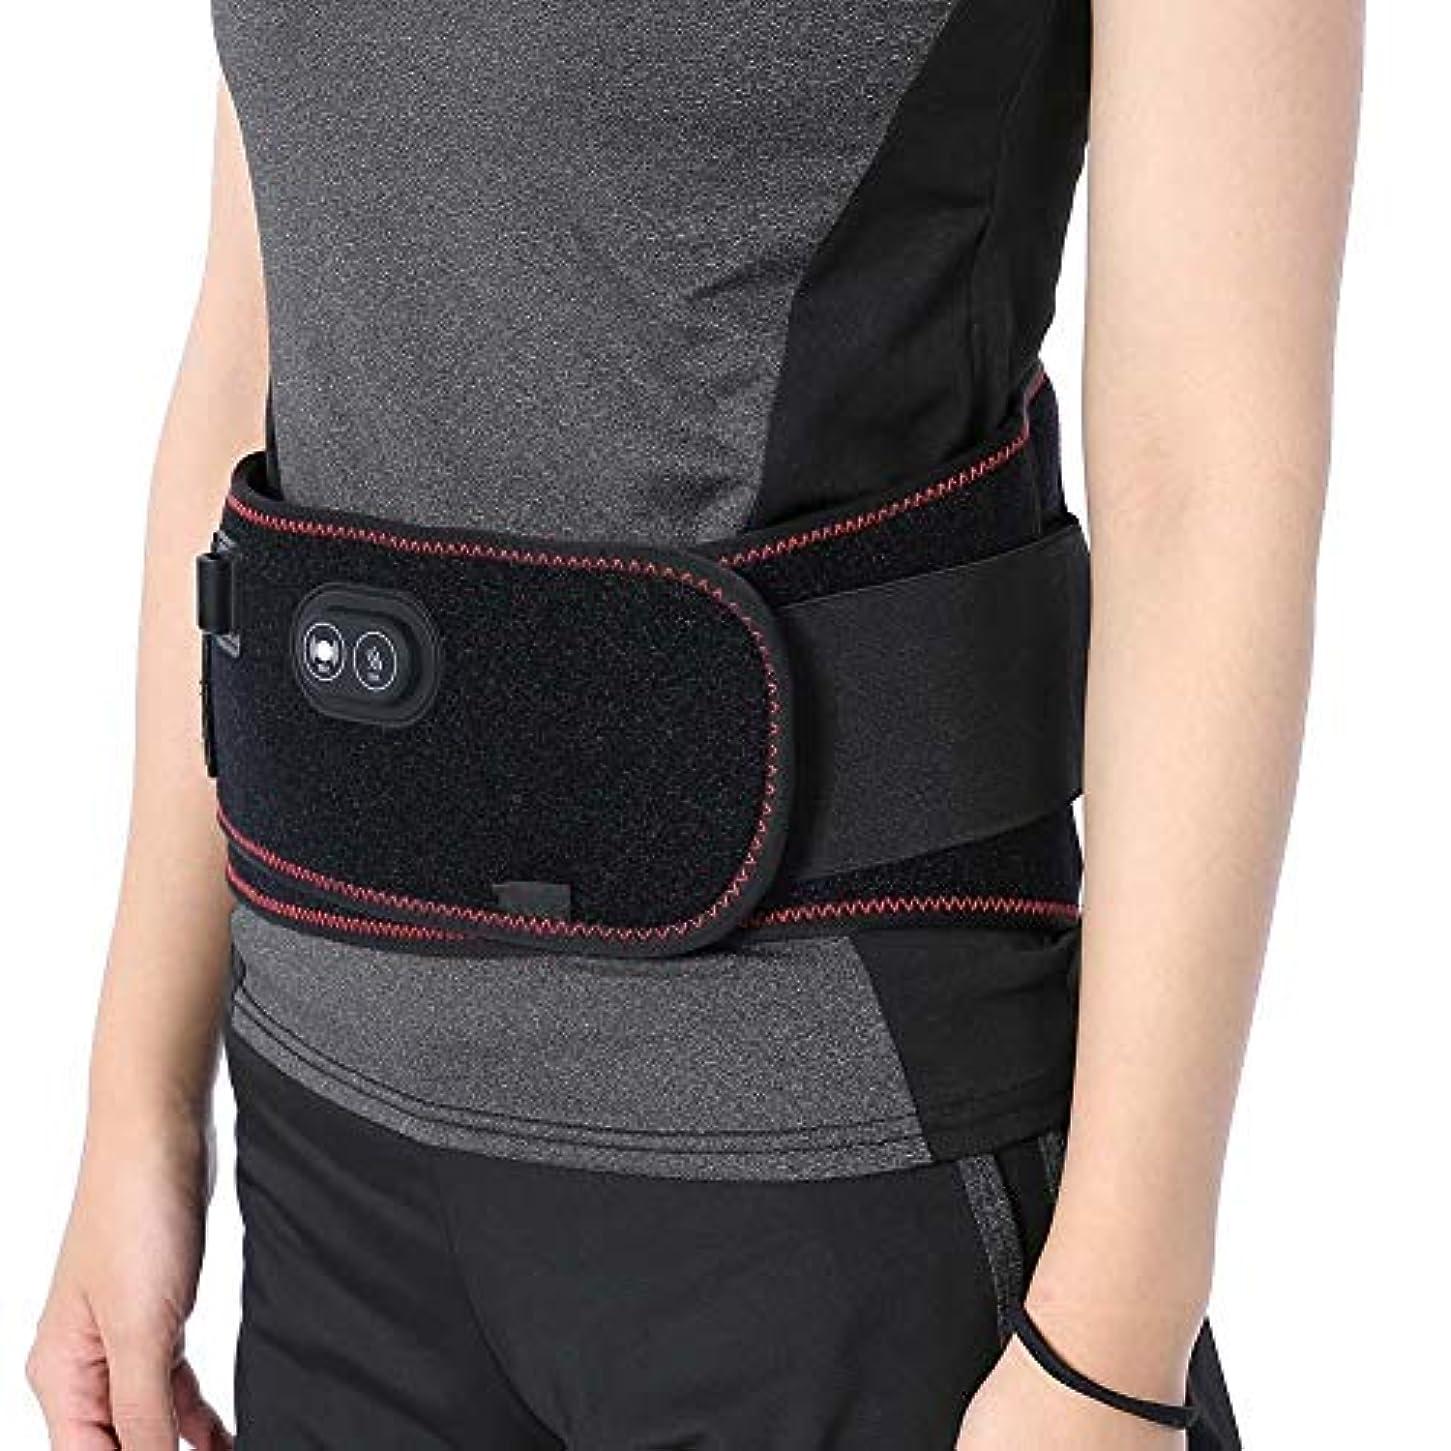 動く反論規制暖房ウエストベルト電気暖かい腹部マッサージ振動ウエストサポート、リリーフ性月経困難症と腹部の背中の痛み暖かい腰椎振動ラップ男性と女性のための低い